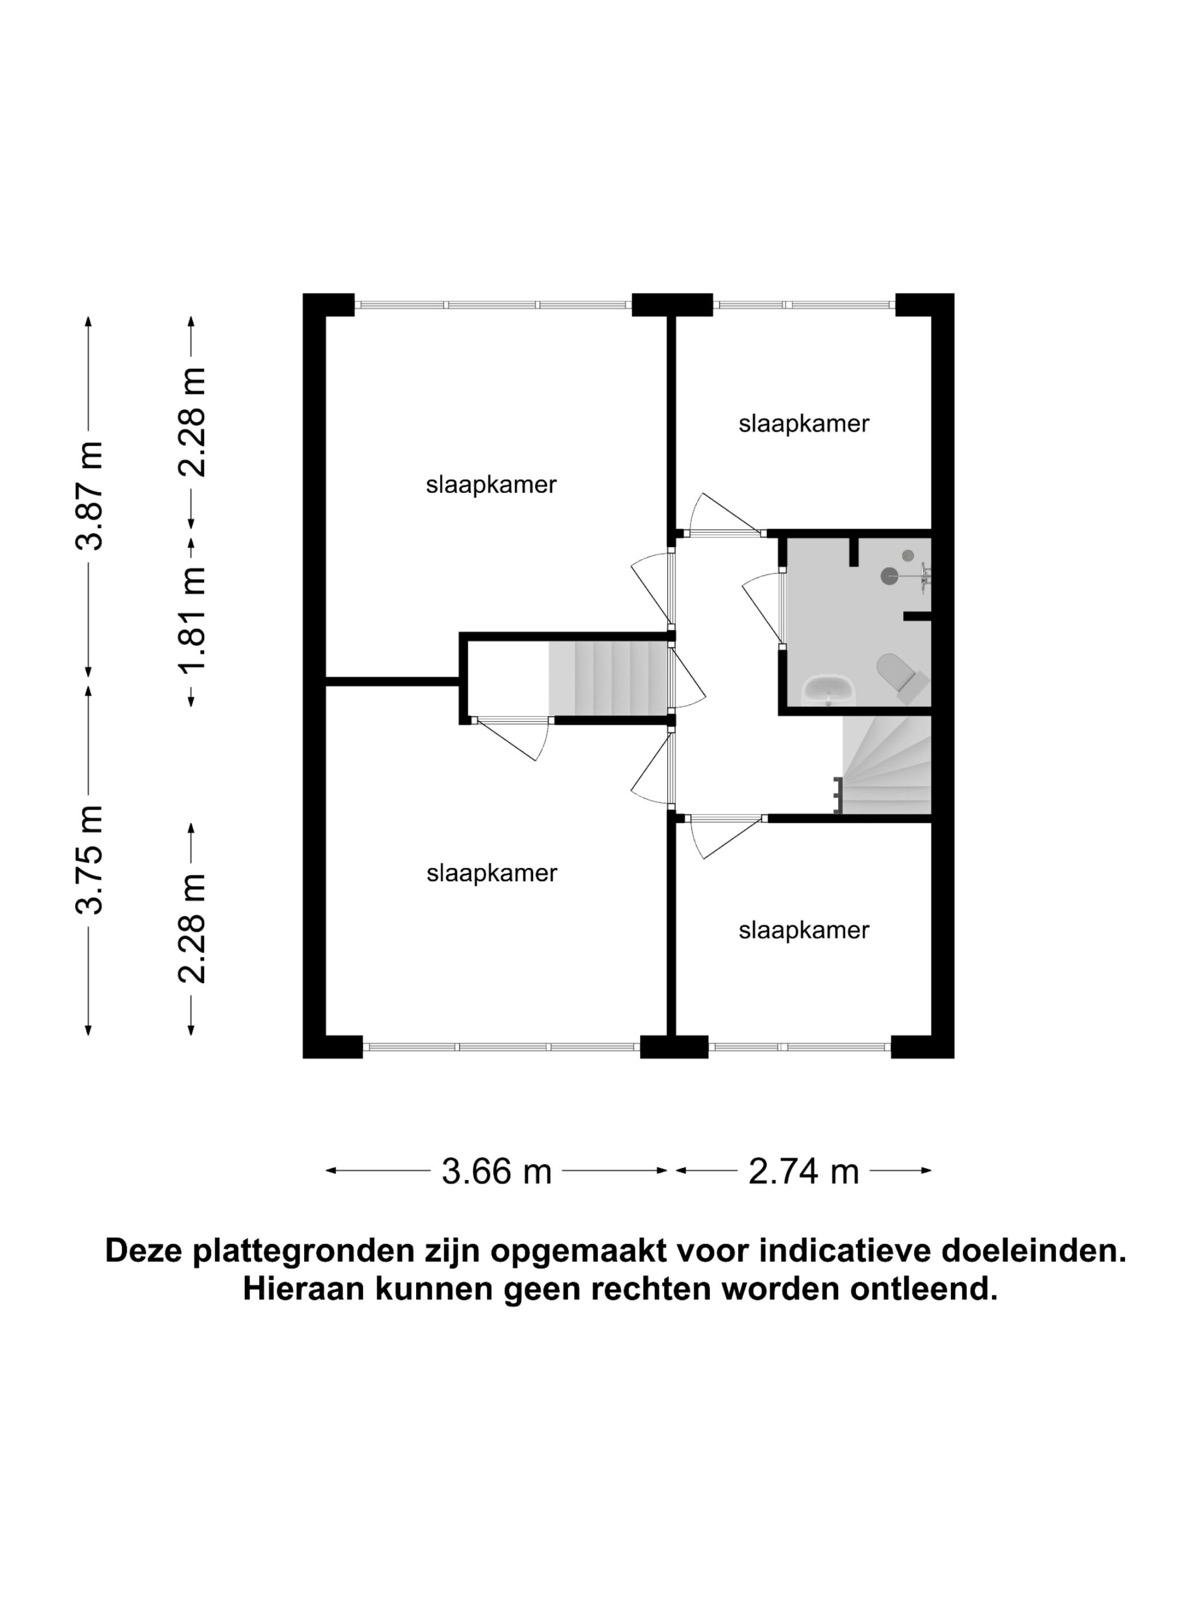 sikko-sjaerdemalaan-12-ijlst-plattegrond-14